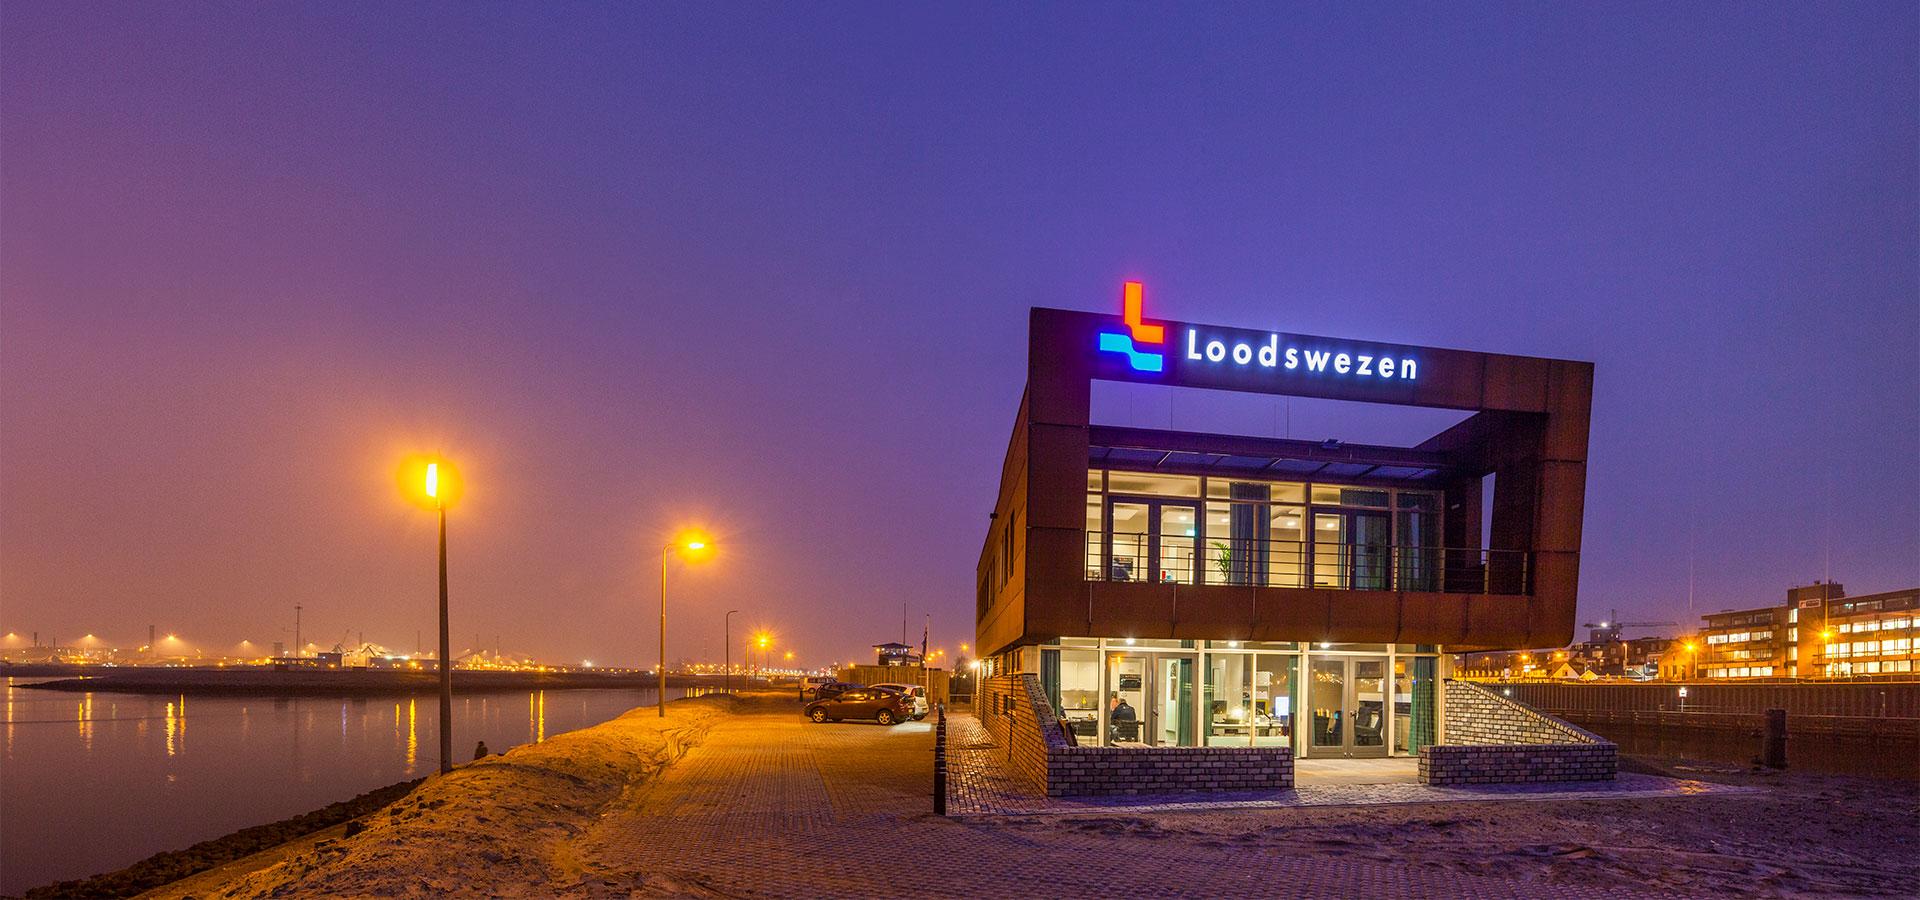 FARO architecten Loodswezen IJmuiden 03